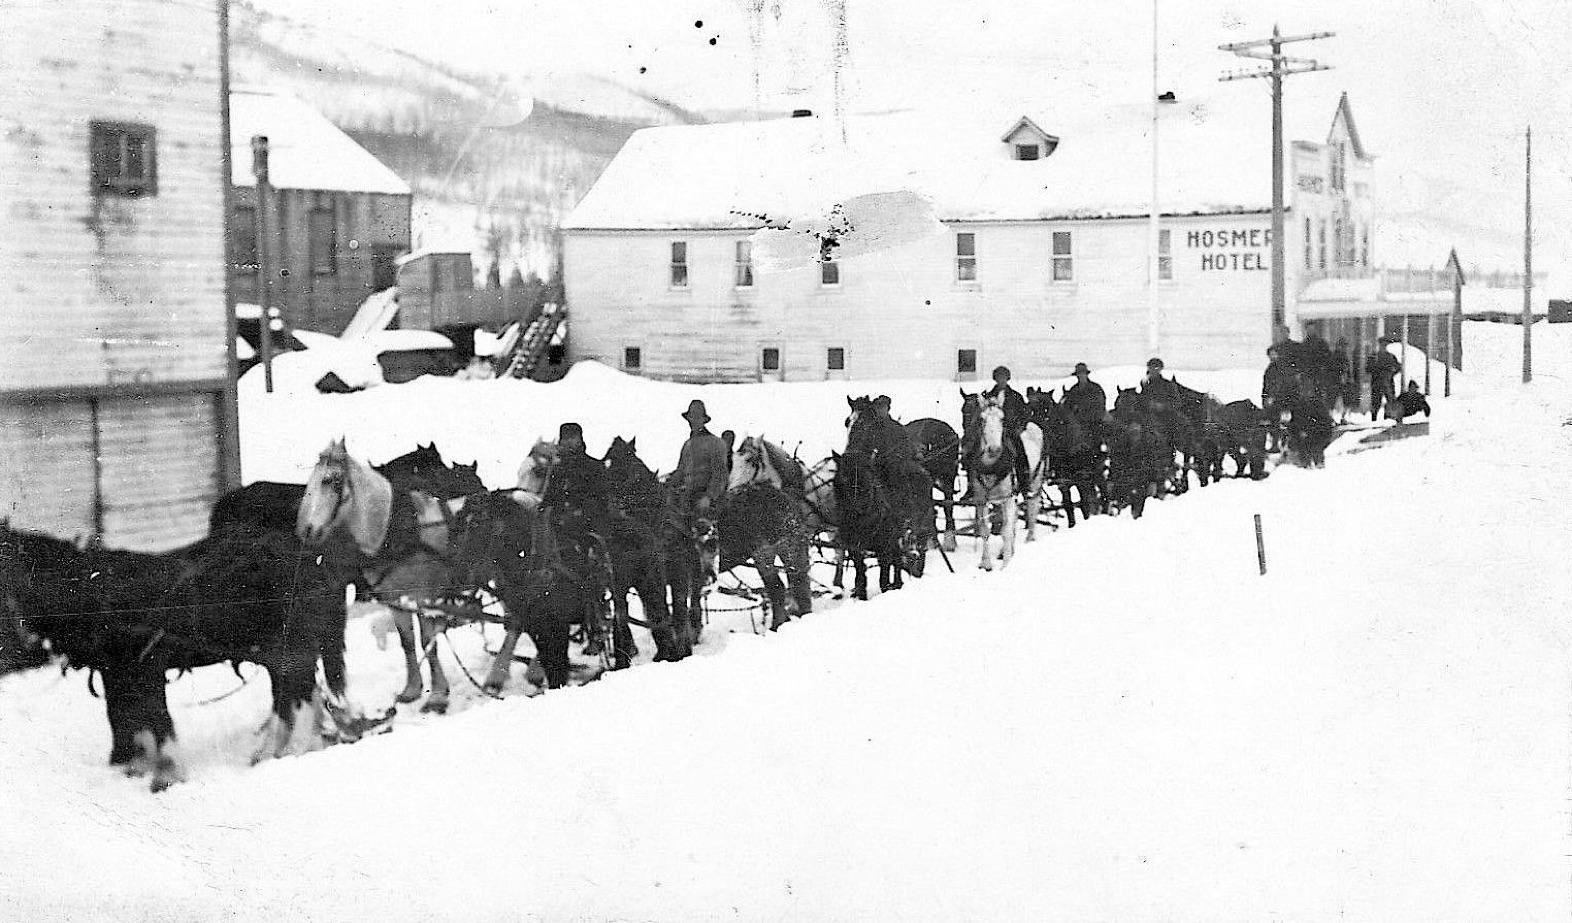 Christmas In Hosmer, 1910